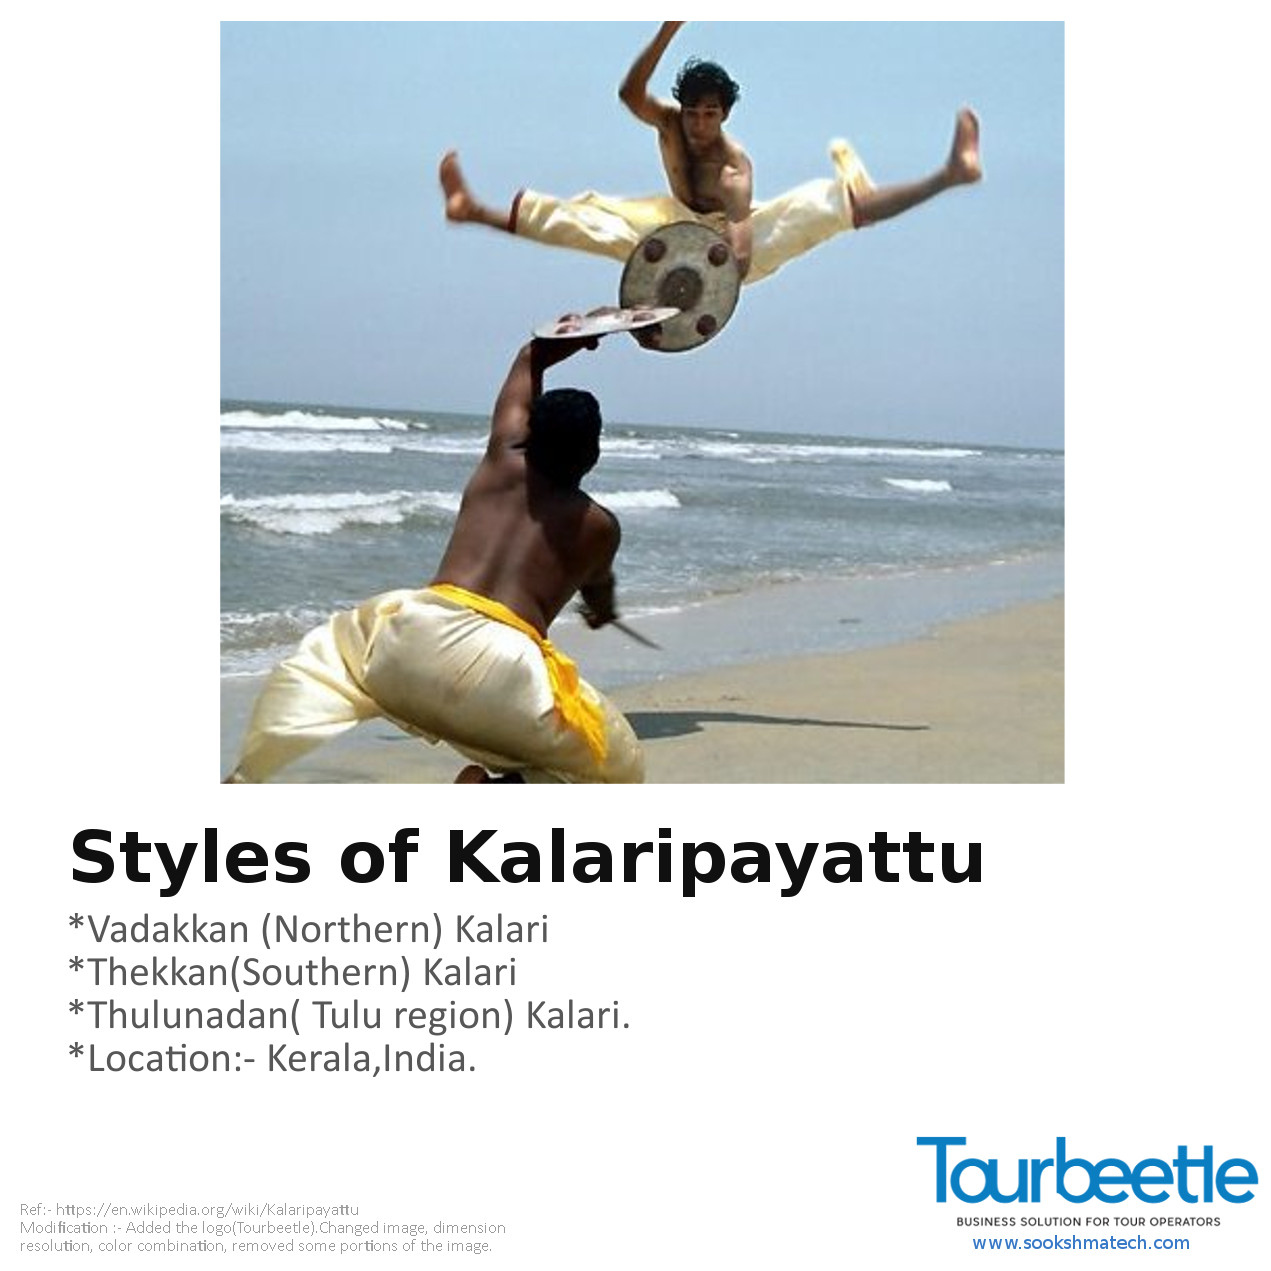 Styles of Kalaripayattu